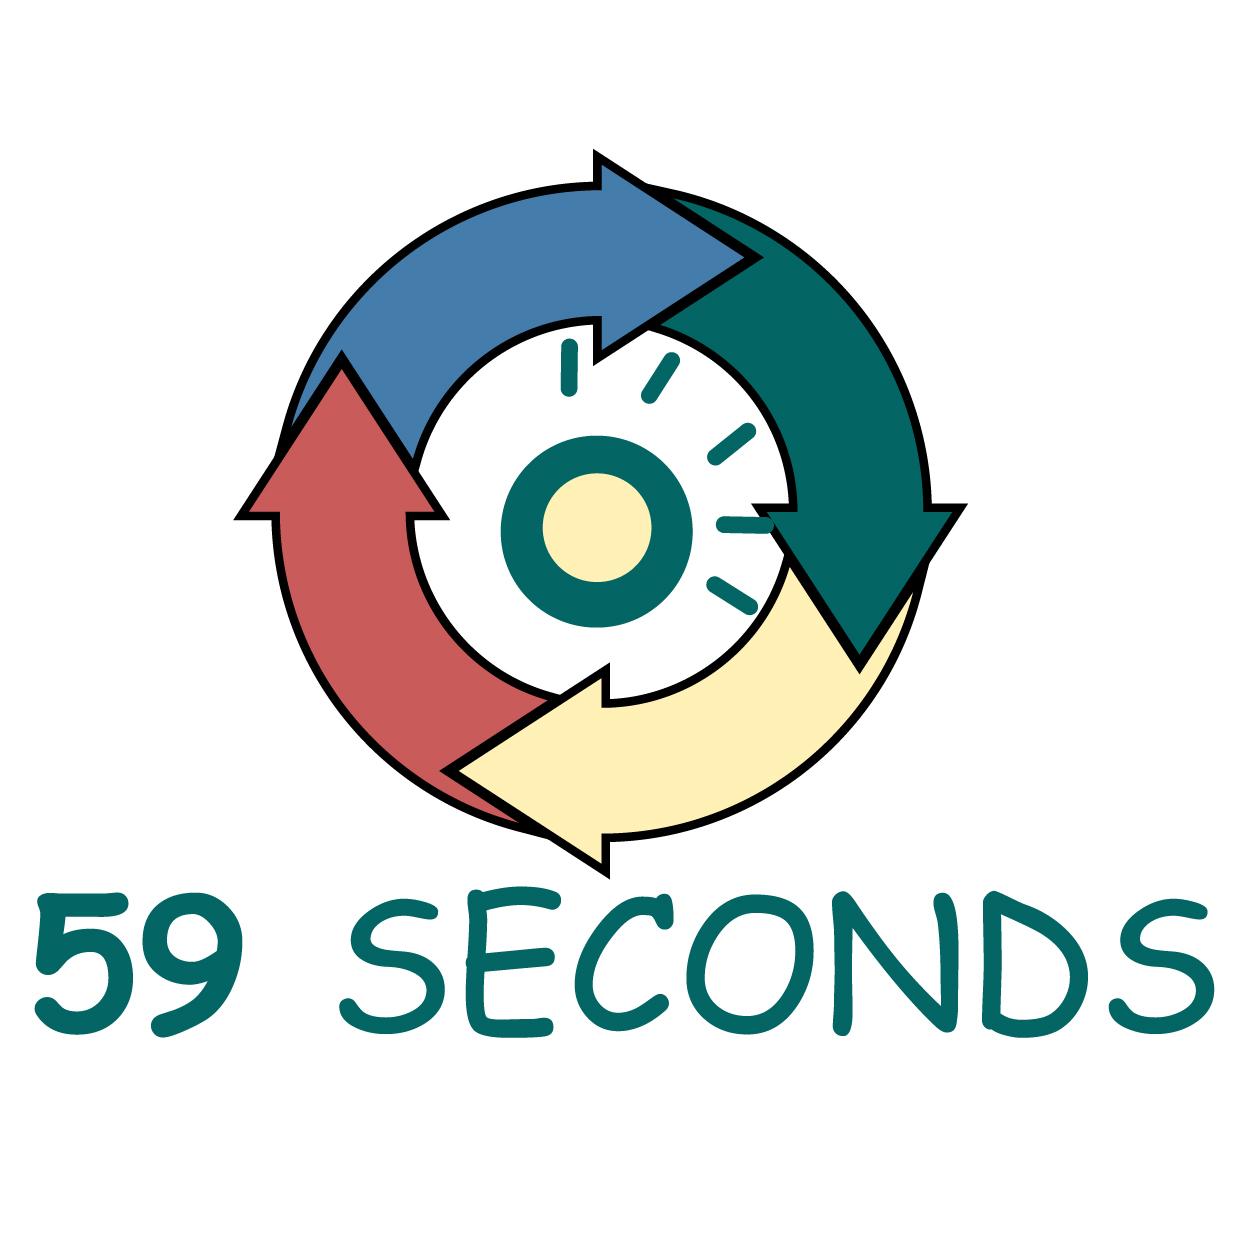 59 Seconds Agile